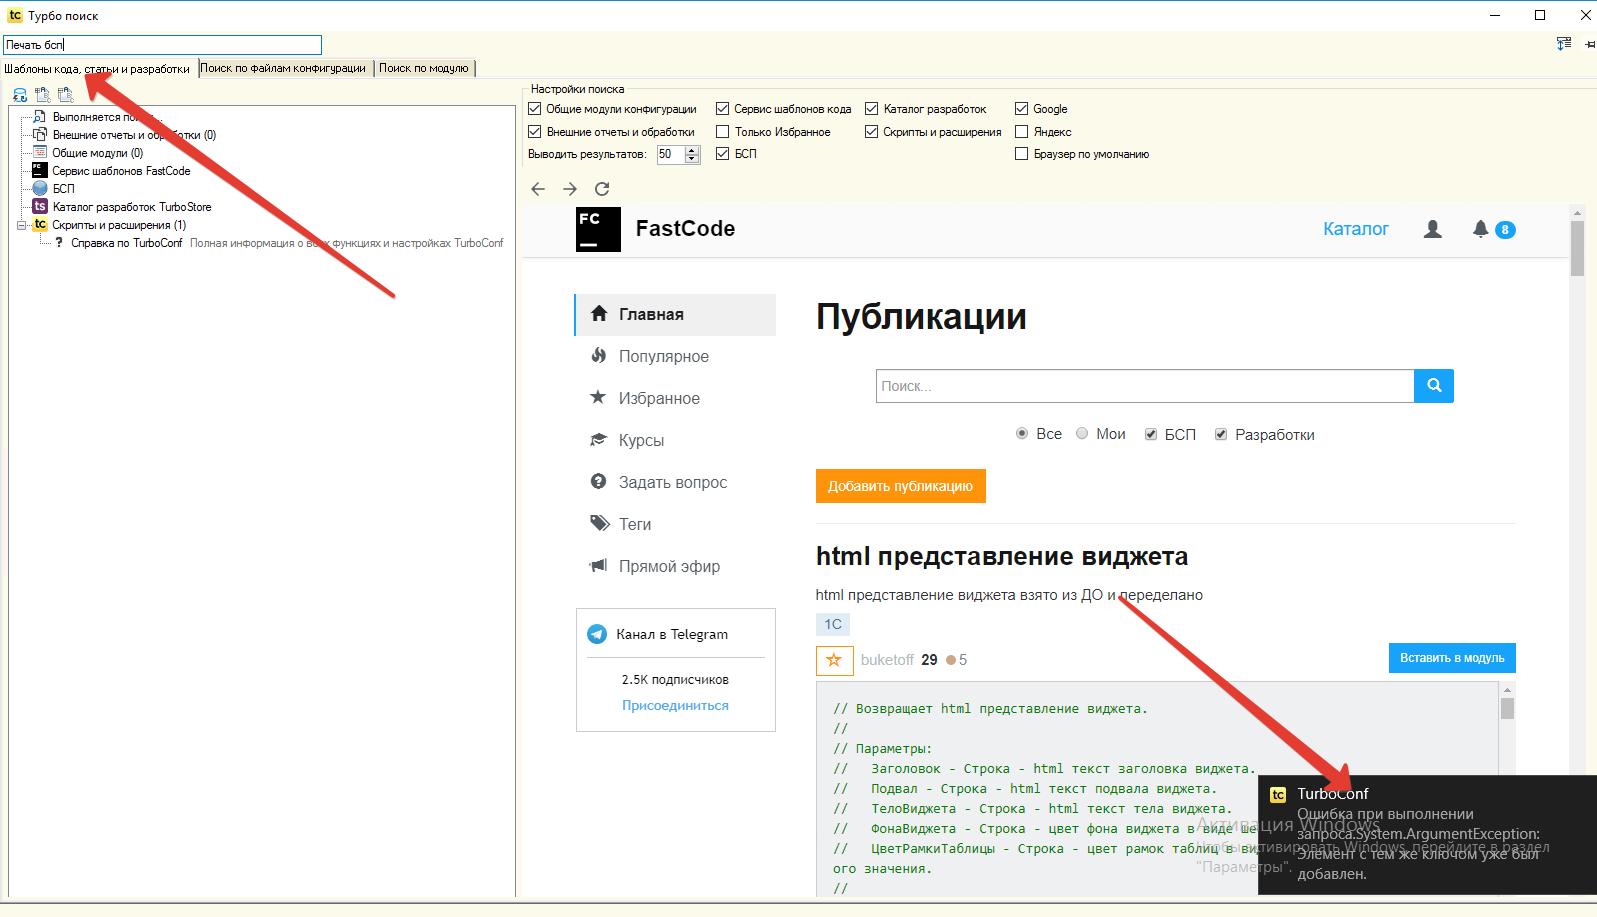 Image https://turboconf.ru/Content/Files/0E0CB0262E6D00CD8DEB8BD012D4A36991415948/2020-10-16_01-19-00.png